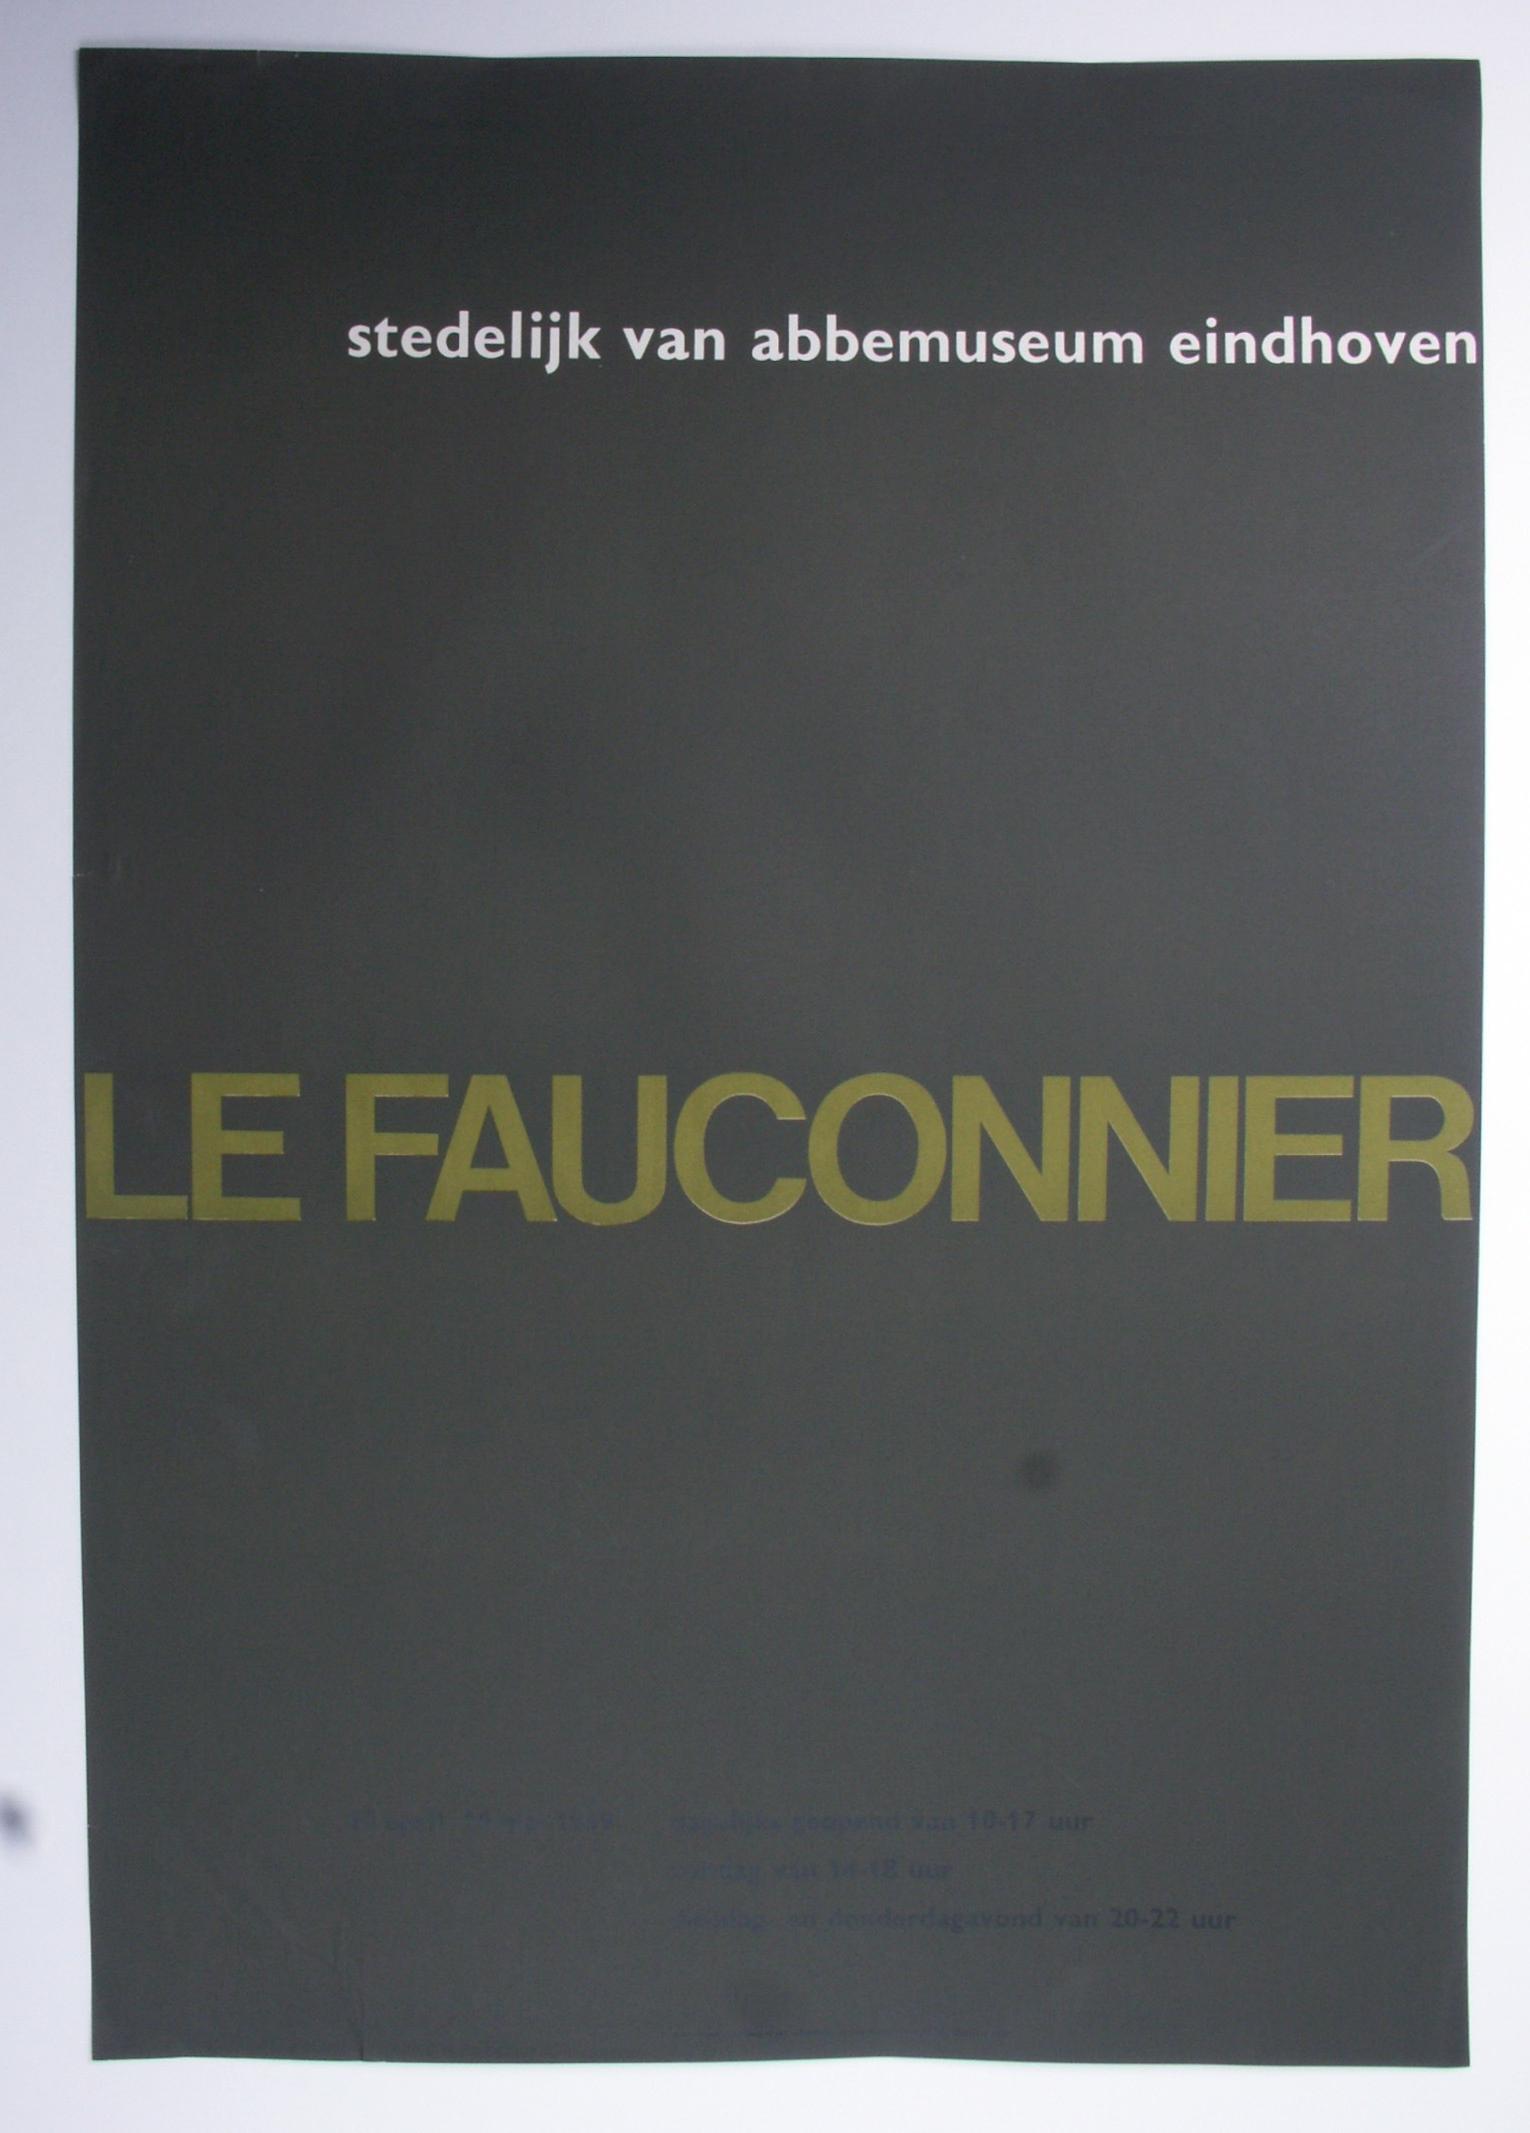 Le Fauconnier